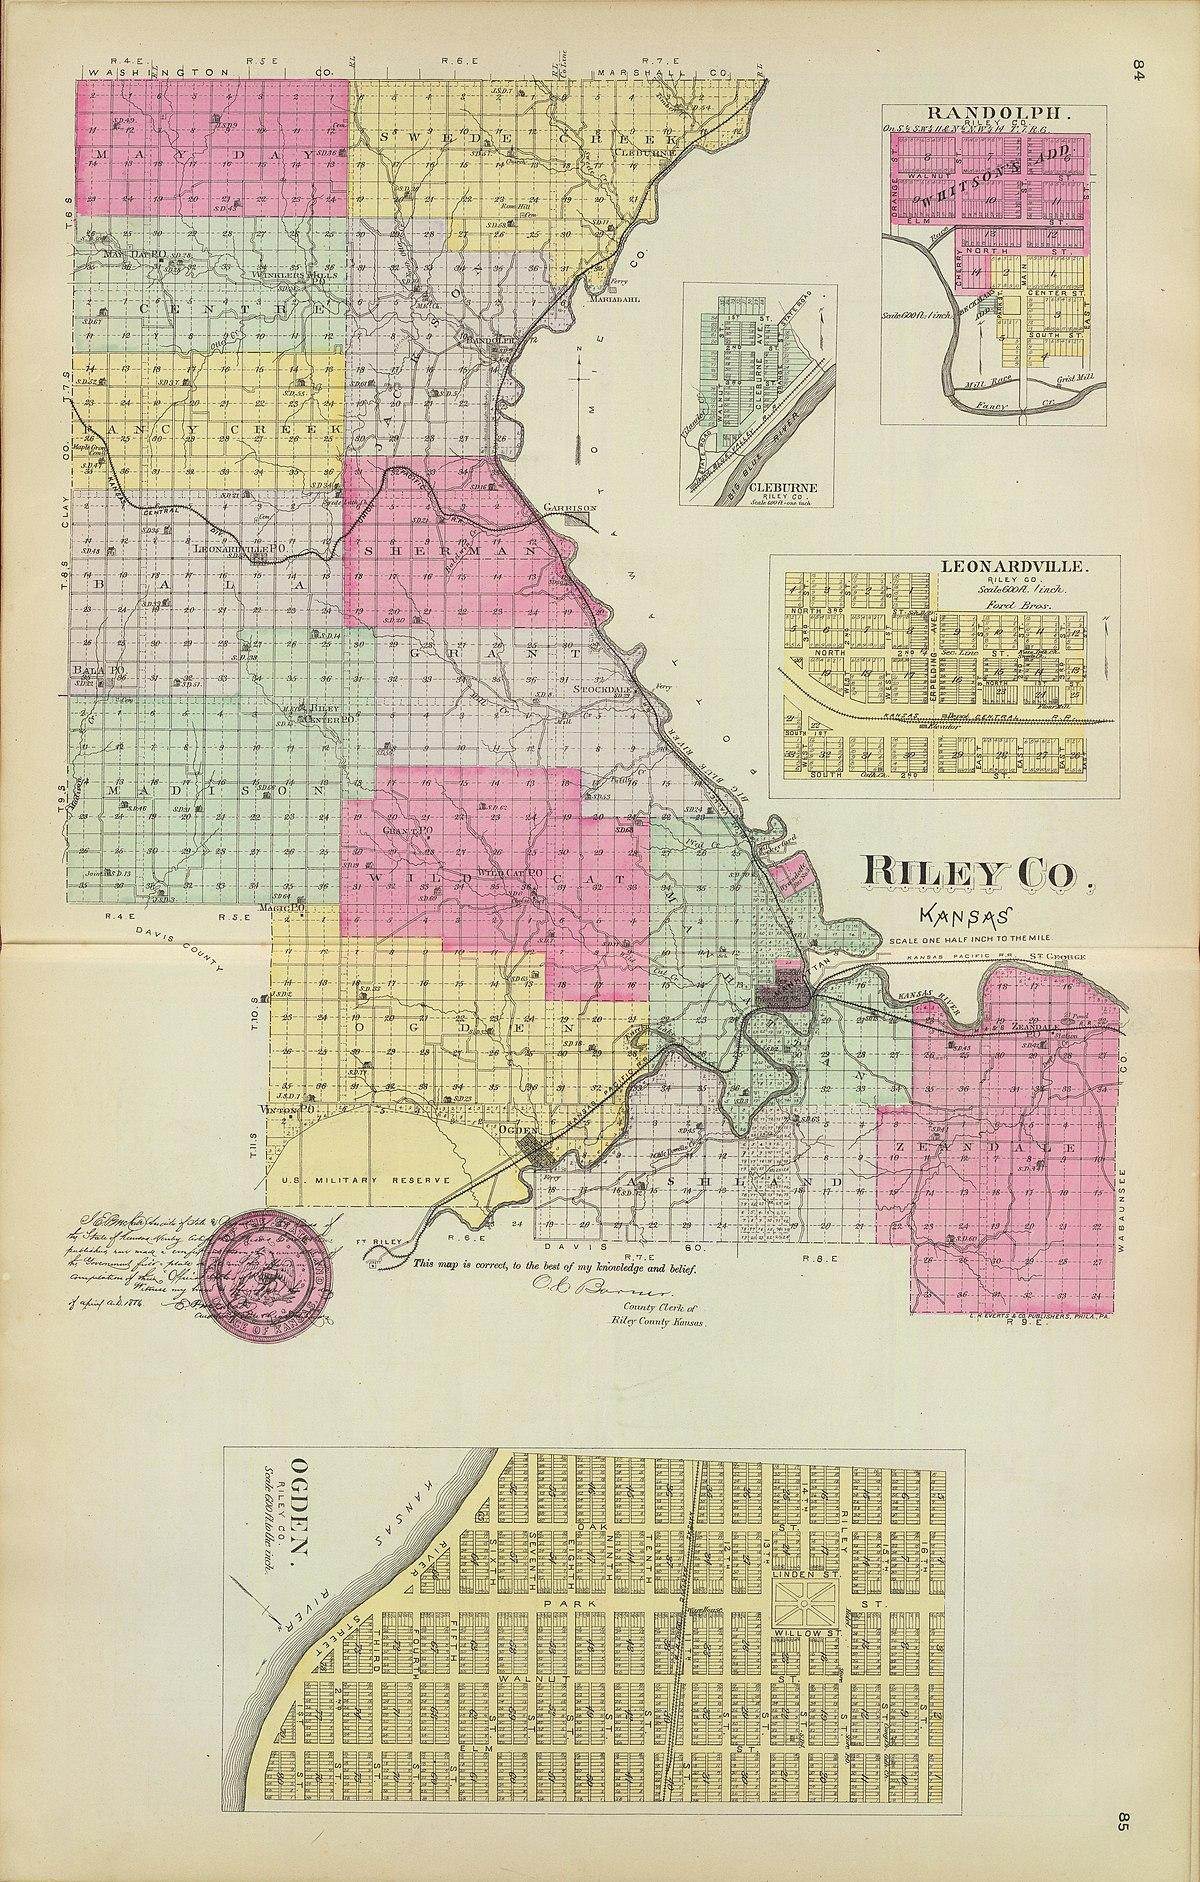 Township (Vereinigte Staaten) – Wikipedia